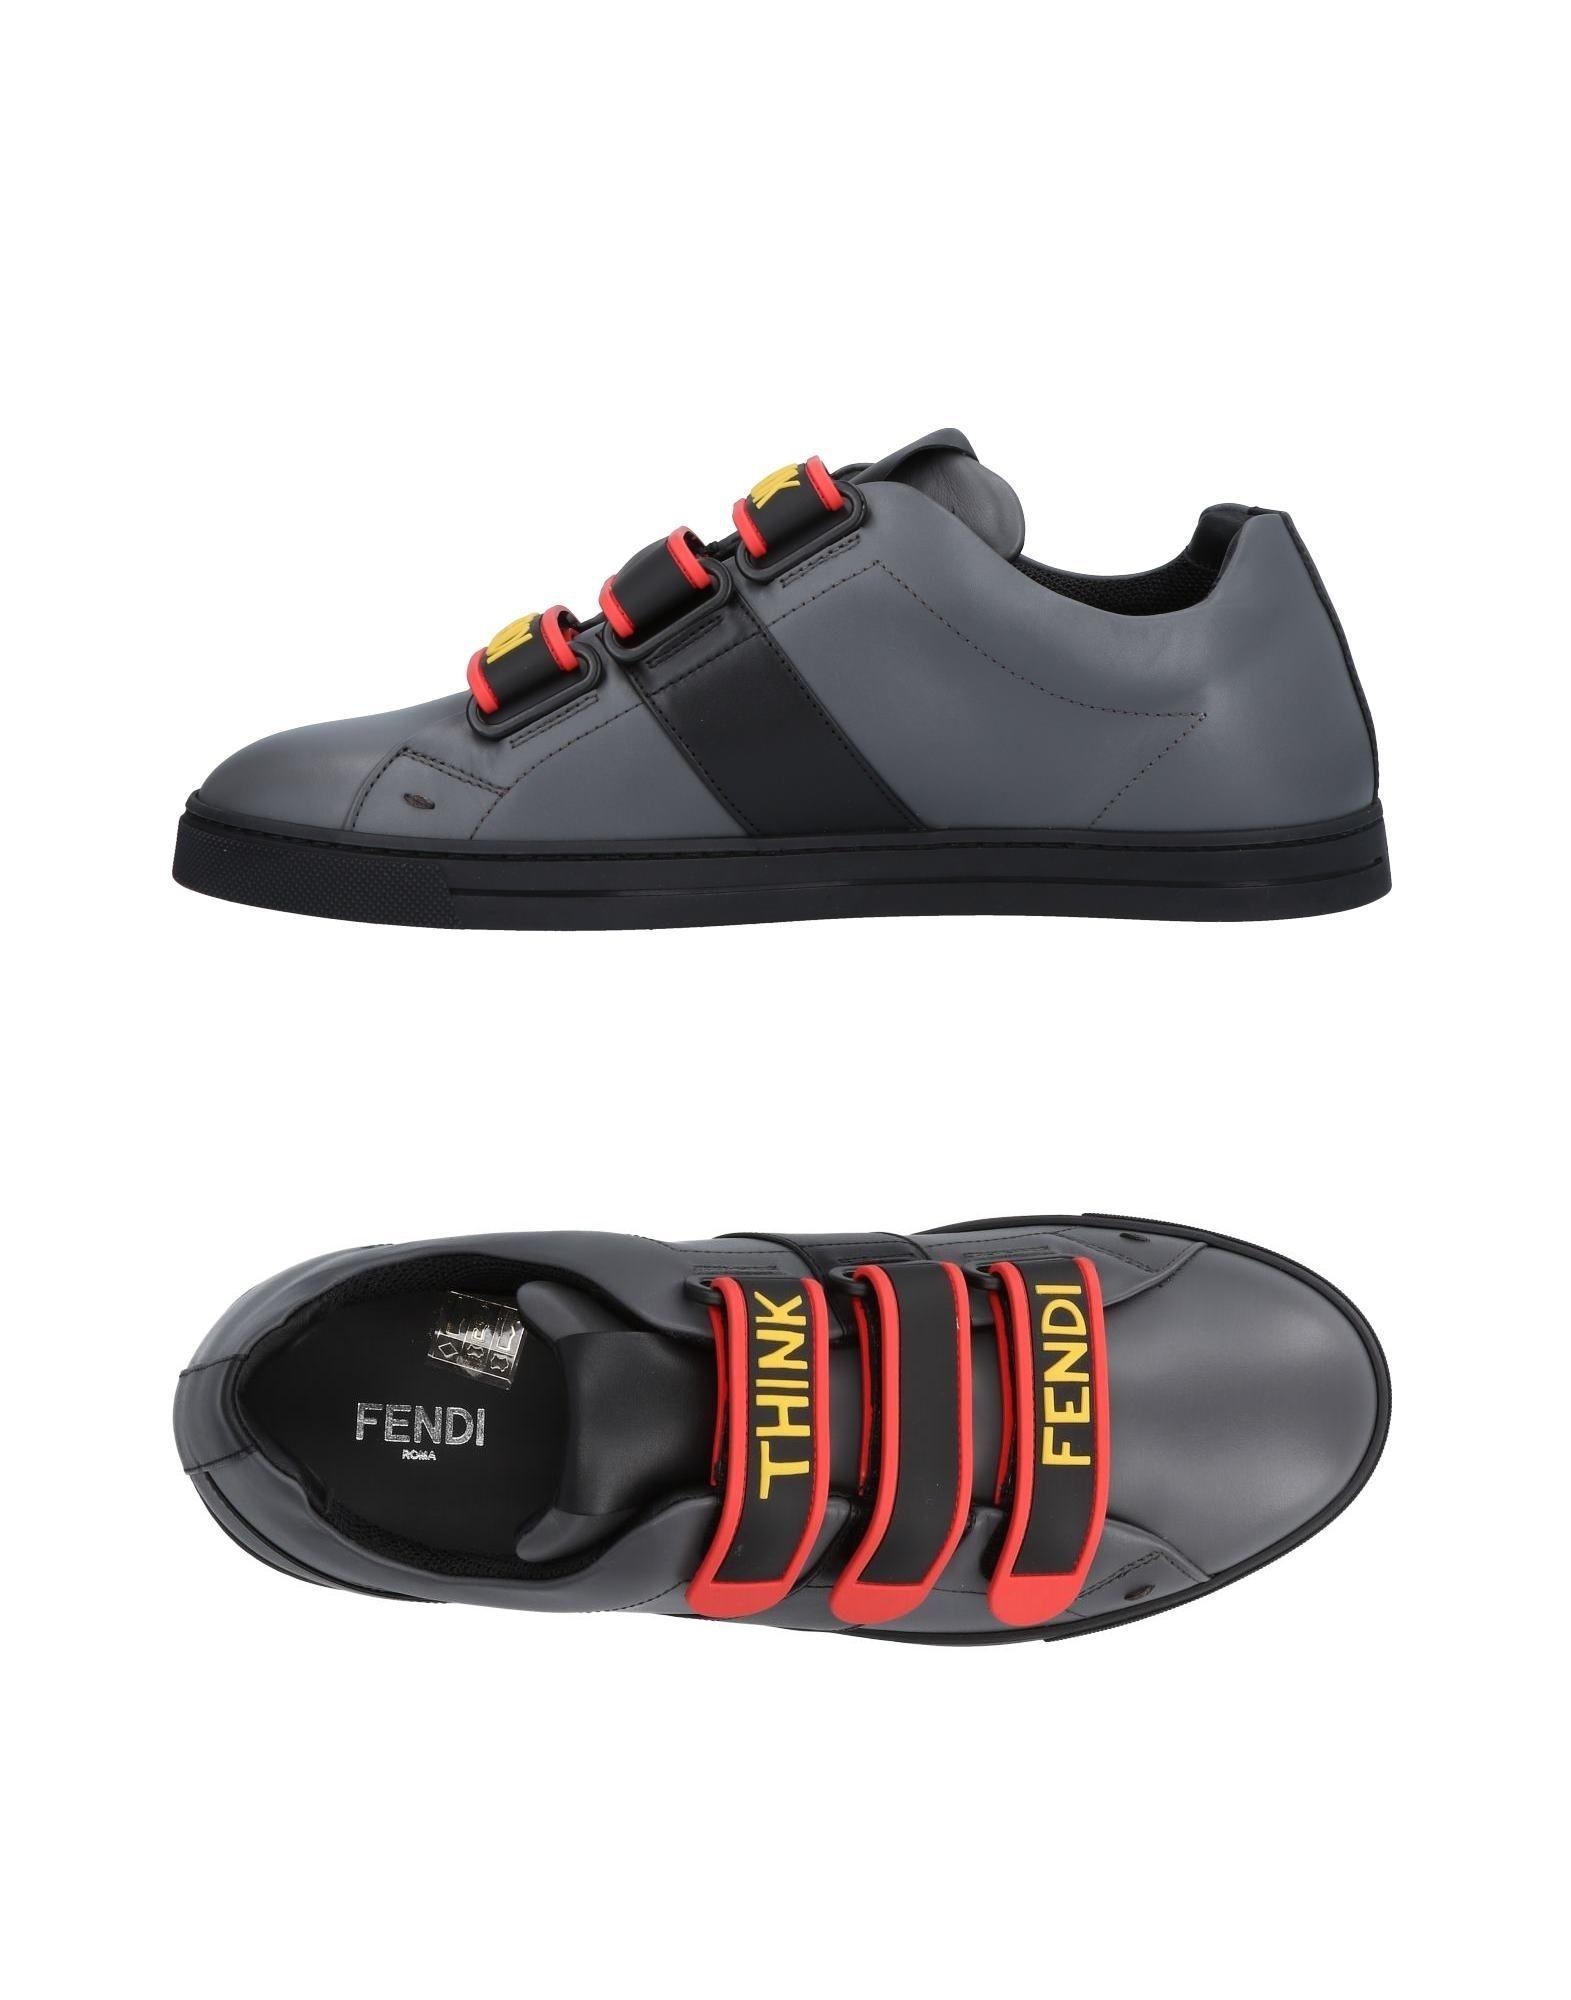 Fendi Sneakers Herren  11463752FB Gute Qualität beliebte Schuhe